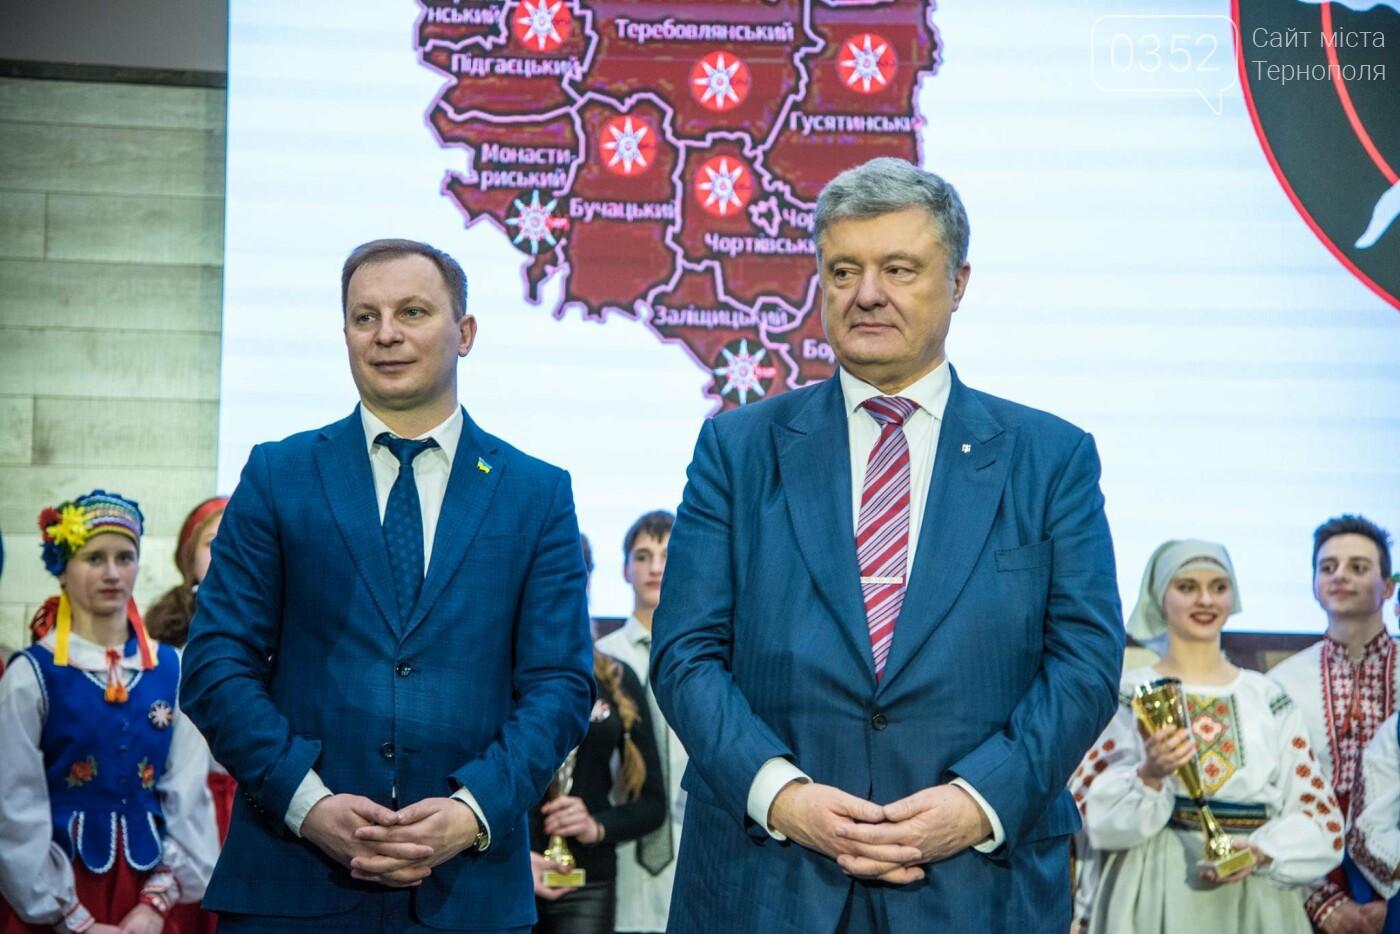 """Петро Порошенко у Тернополі завітав на фестиваль """"Вставай Сонце"""", фото-2"""